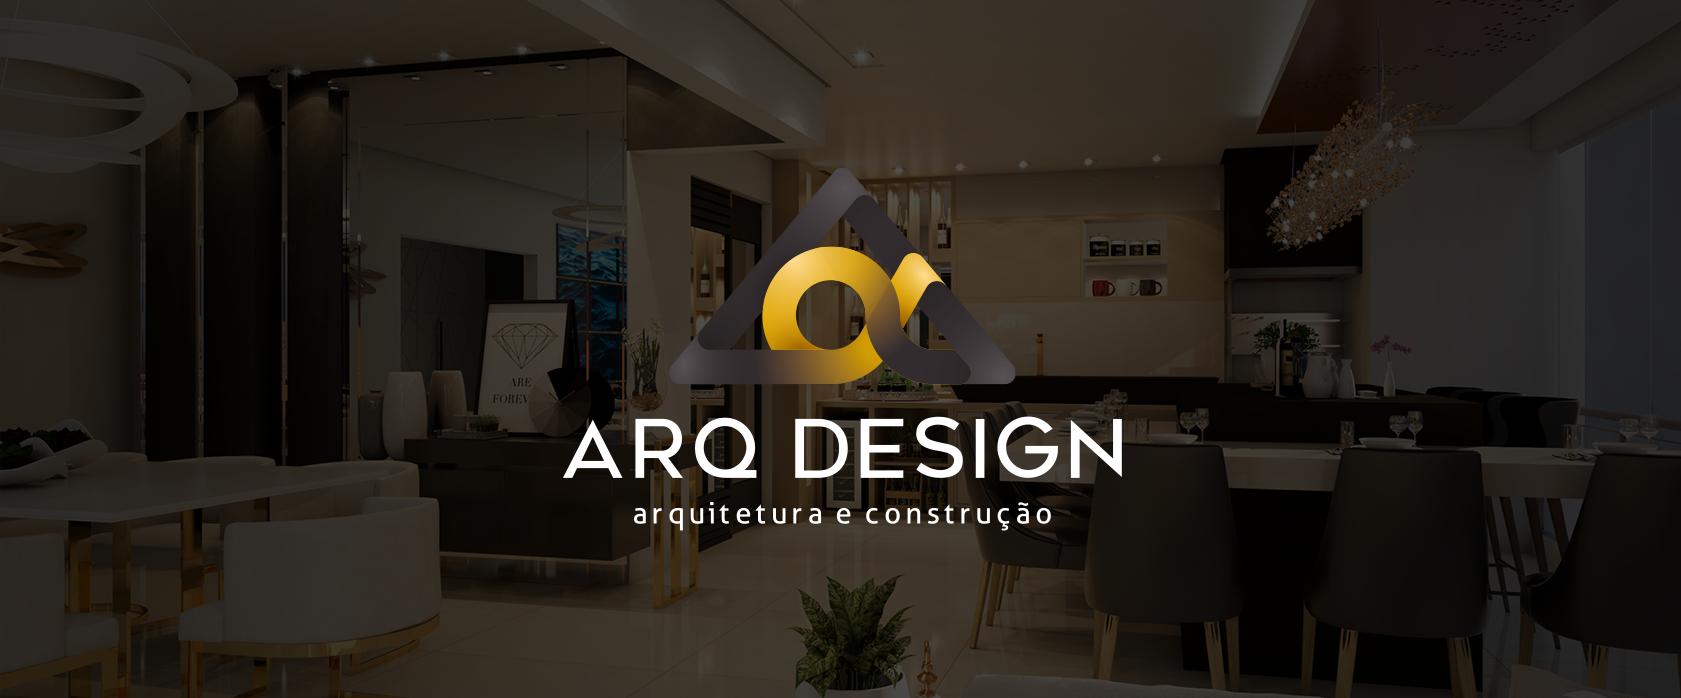 Arq Design